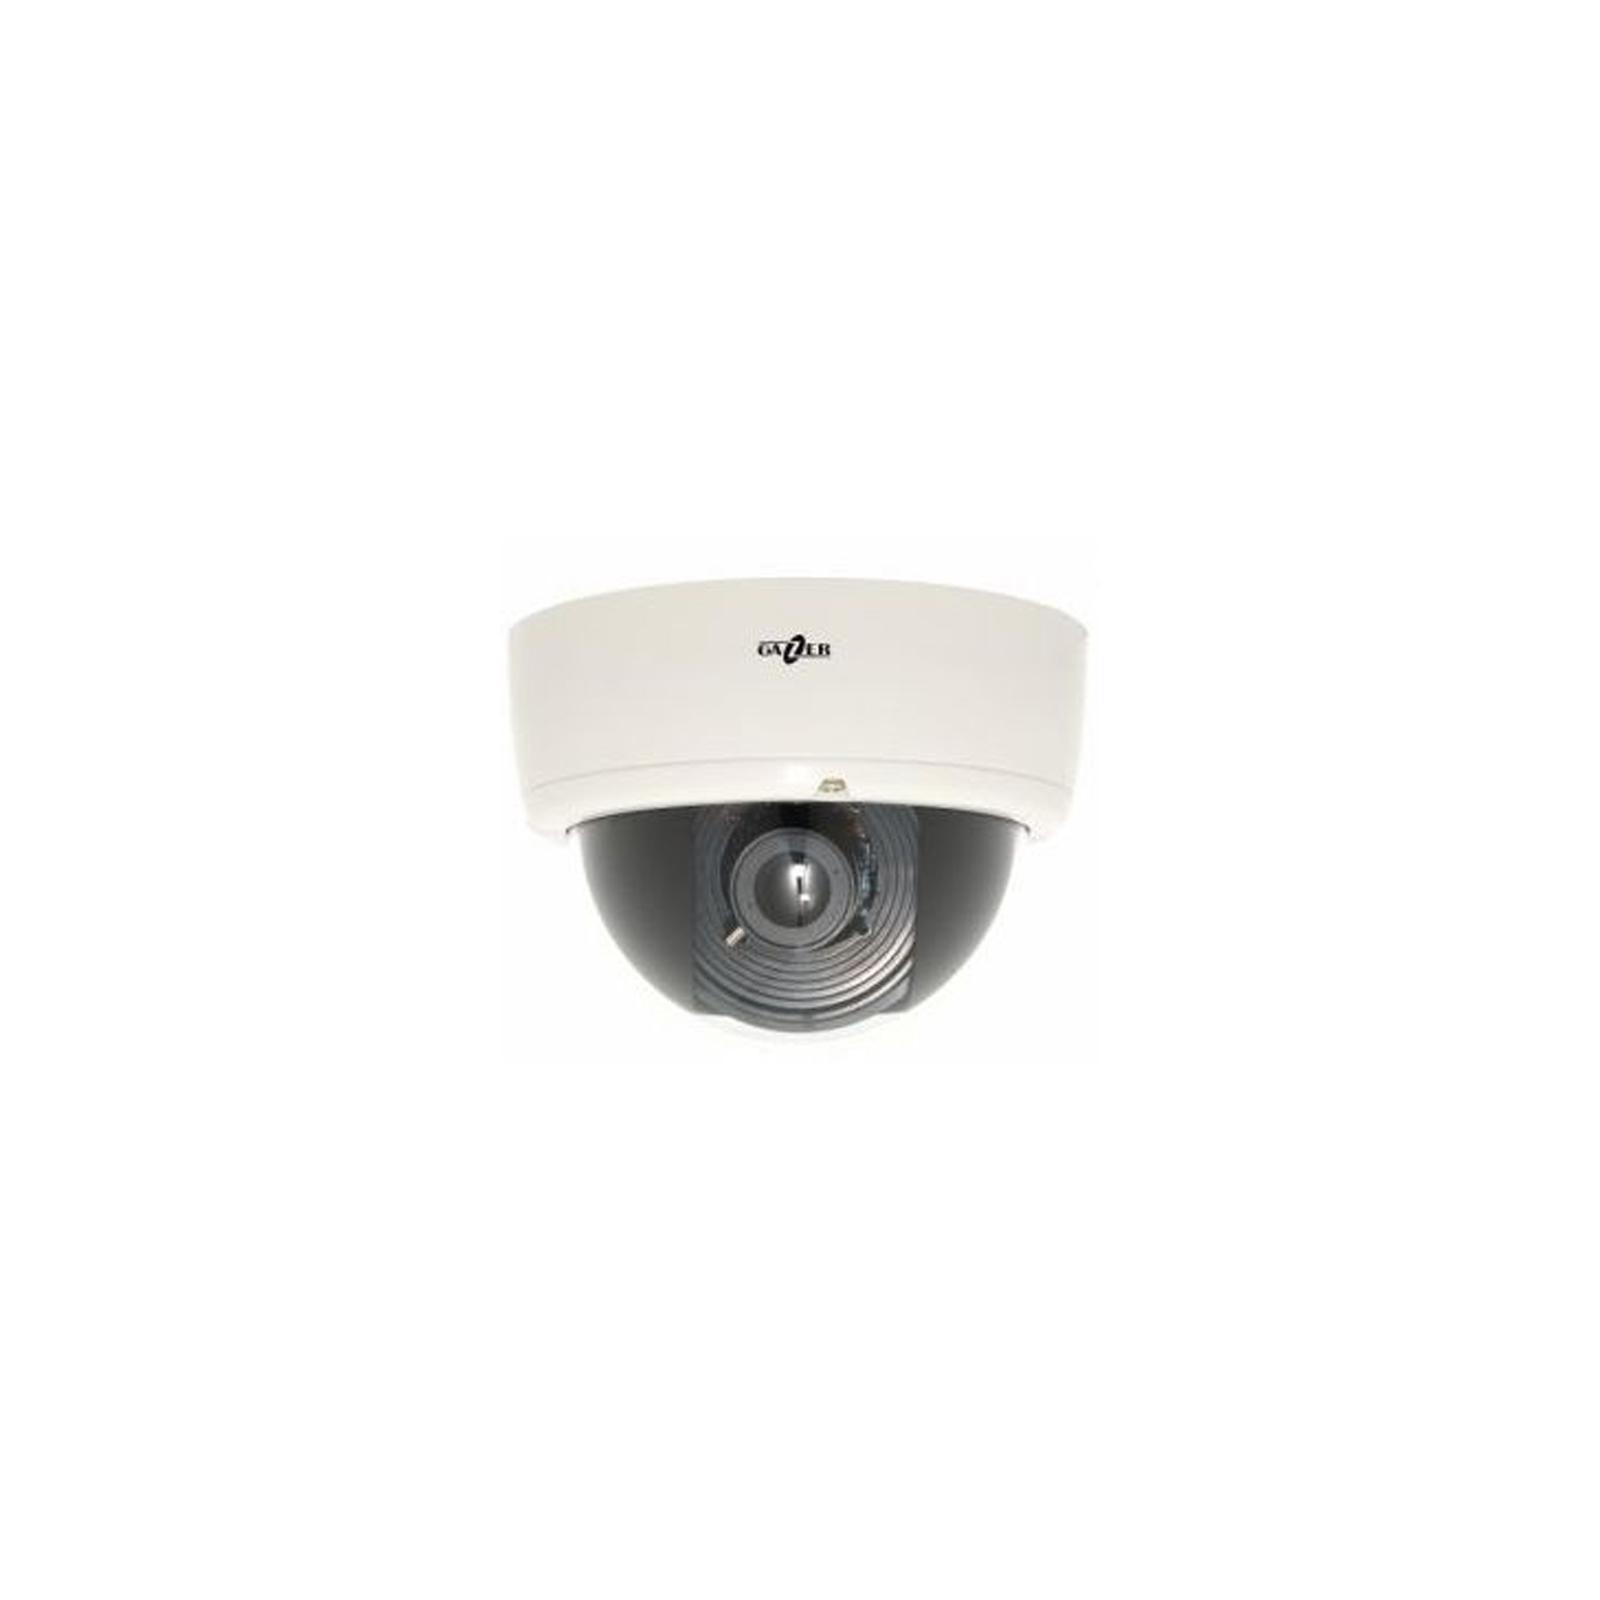 Камера видеонаблюдения Gazer SVC CF234 (CF234)